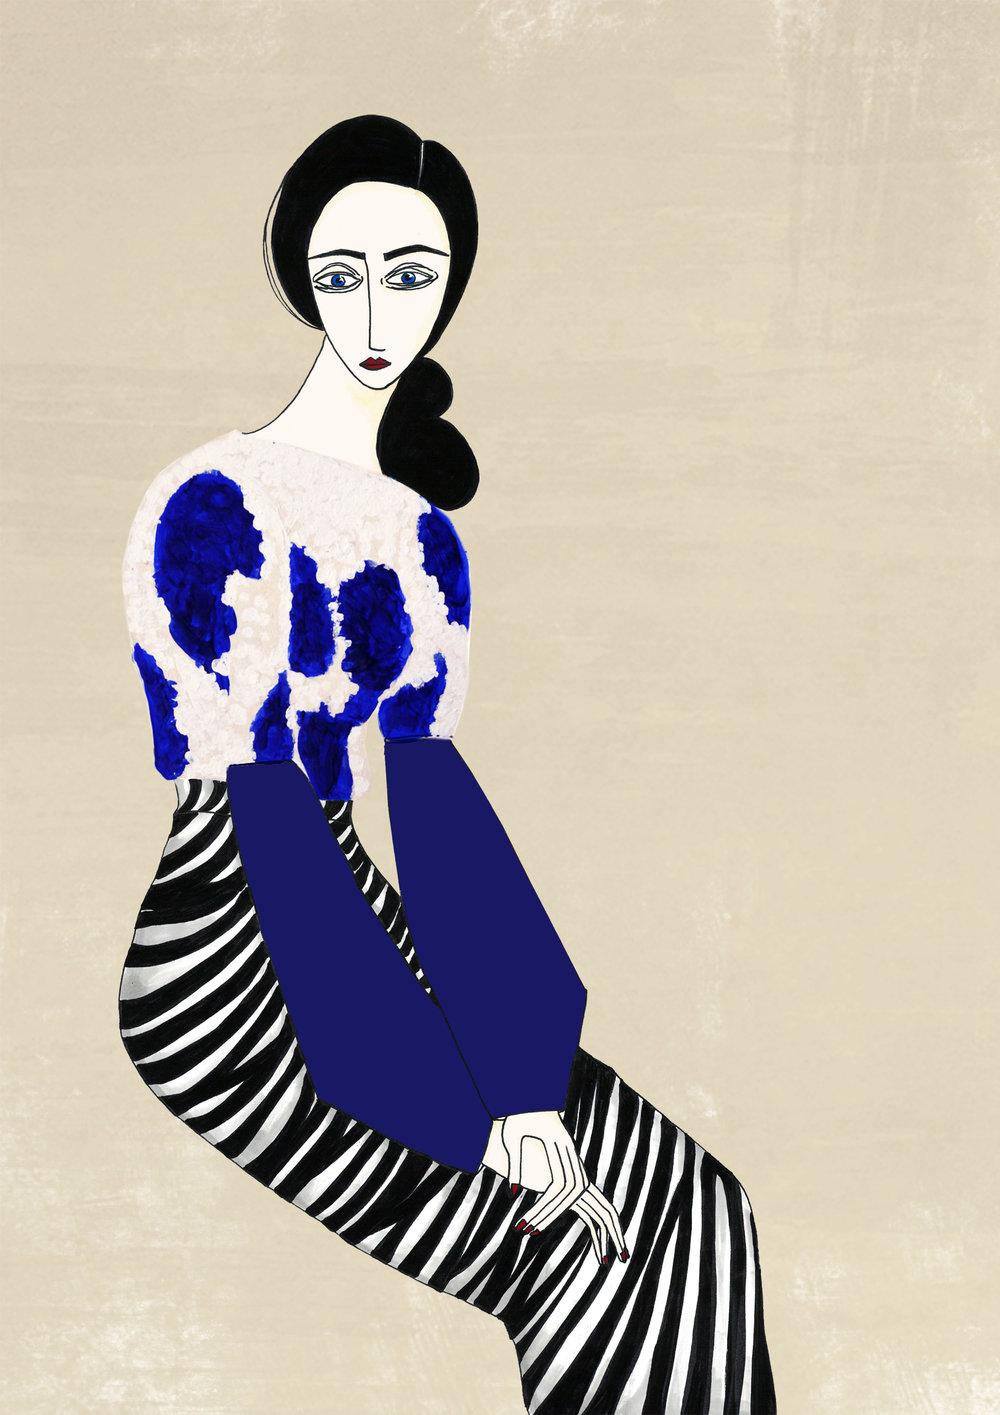 BjörgGunnarsdóttir-BjorgGunnarsdottir-art-lhi-illustration